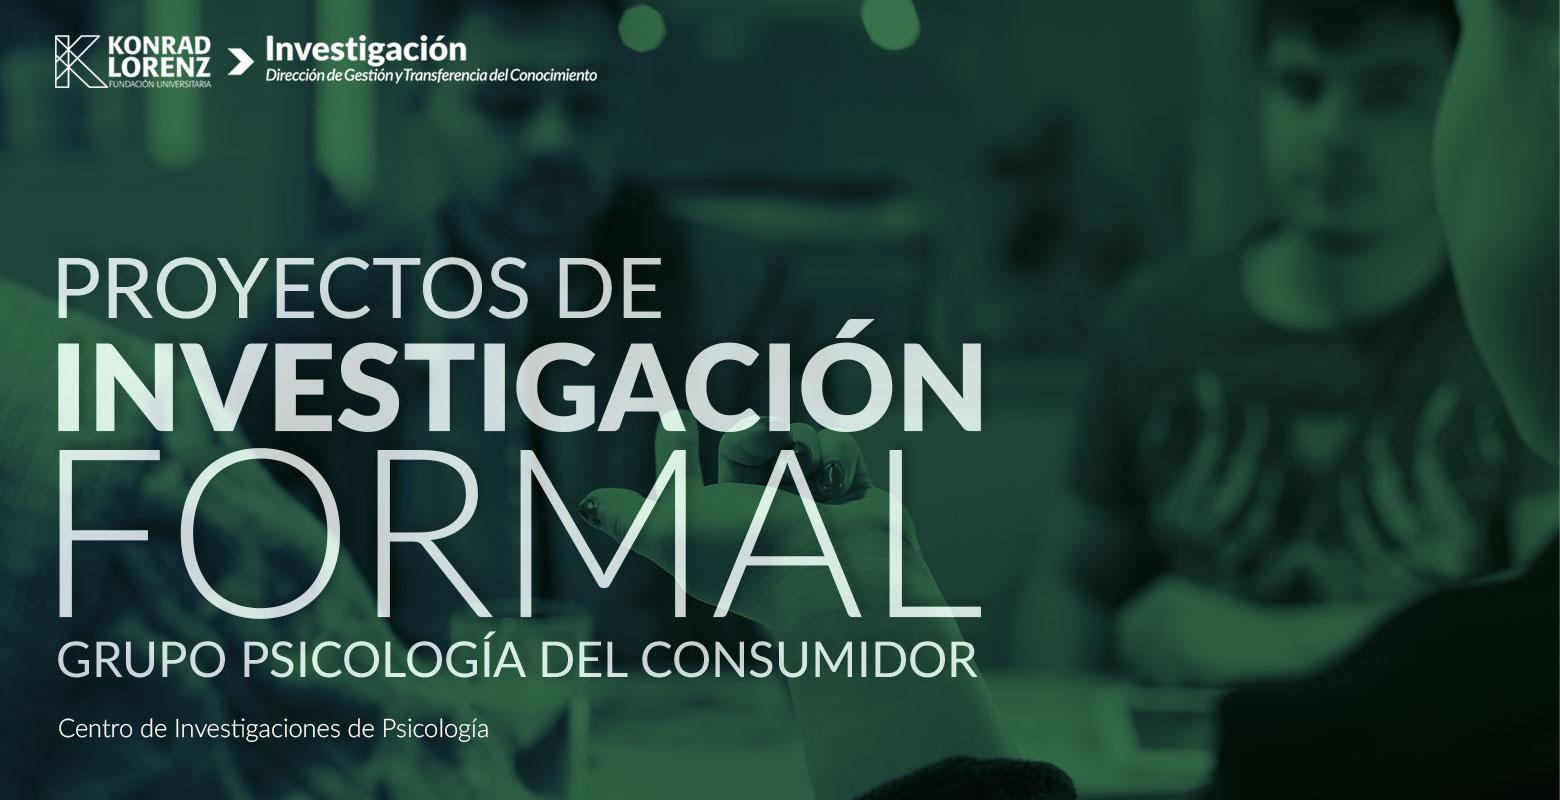 Proyectos de Investigación Formal, Grupo de Investigación en Psicología del Consumidor